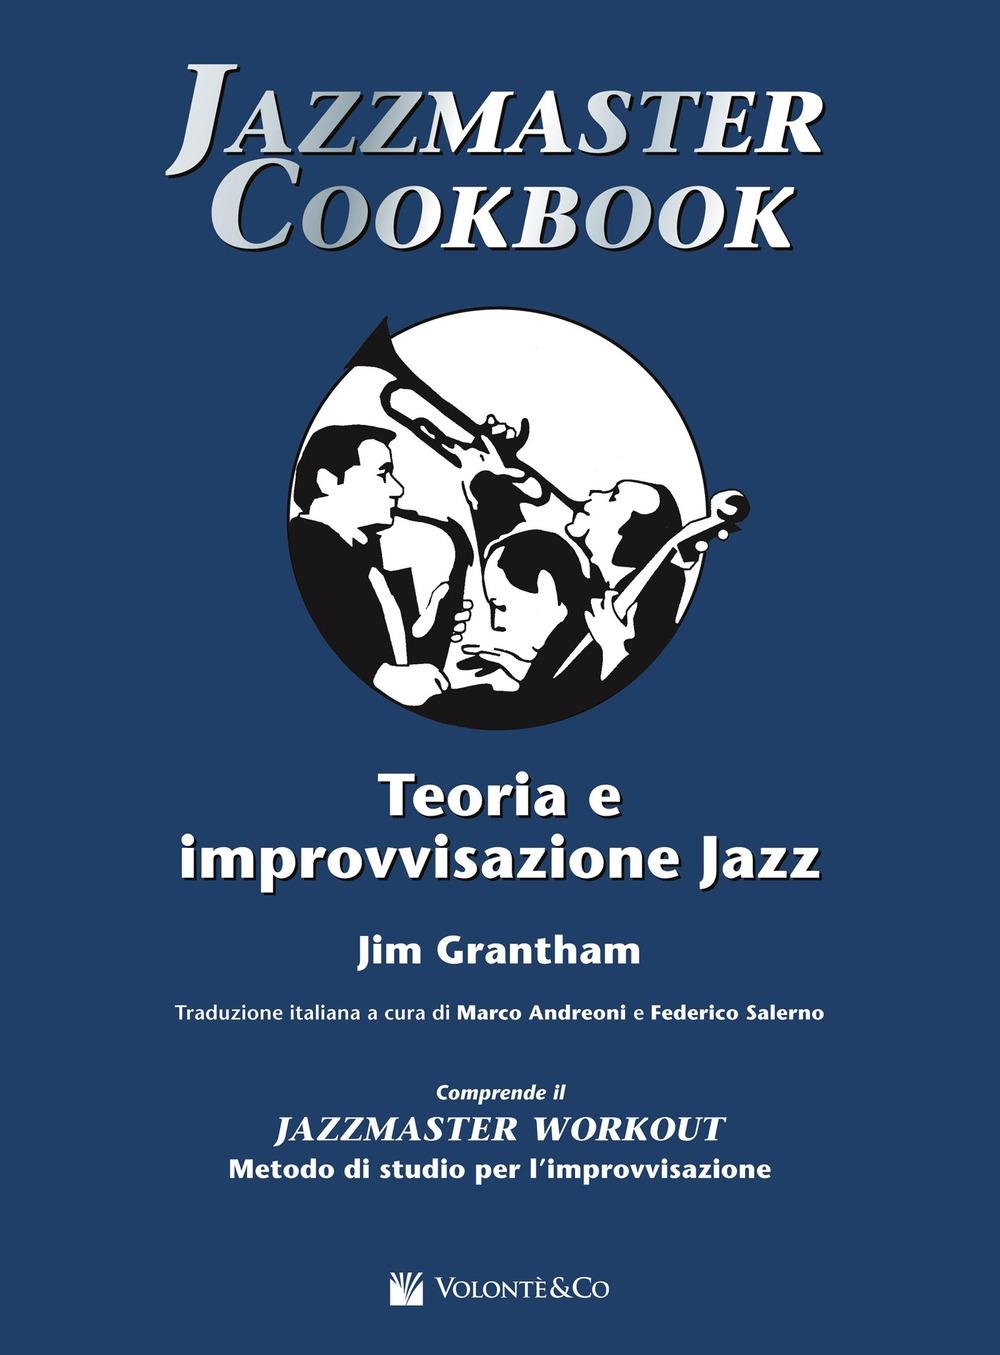 Jazzmaster cookbook. Teoria e improvvisazione jazz.